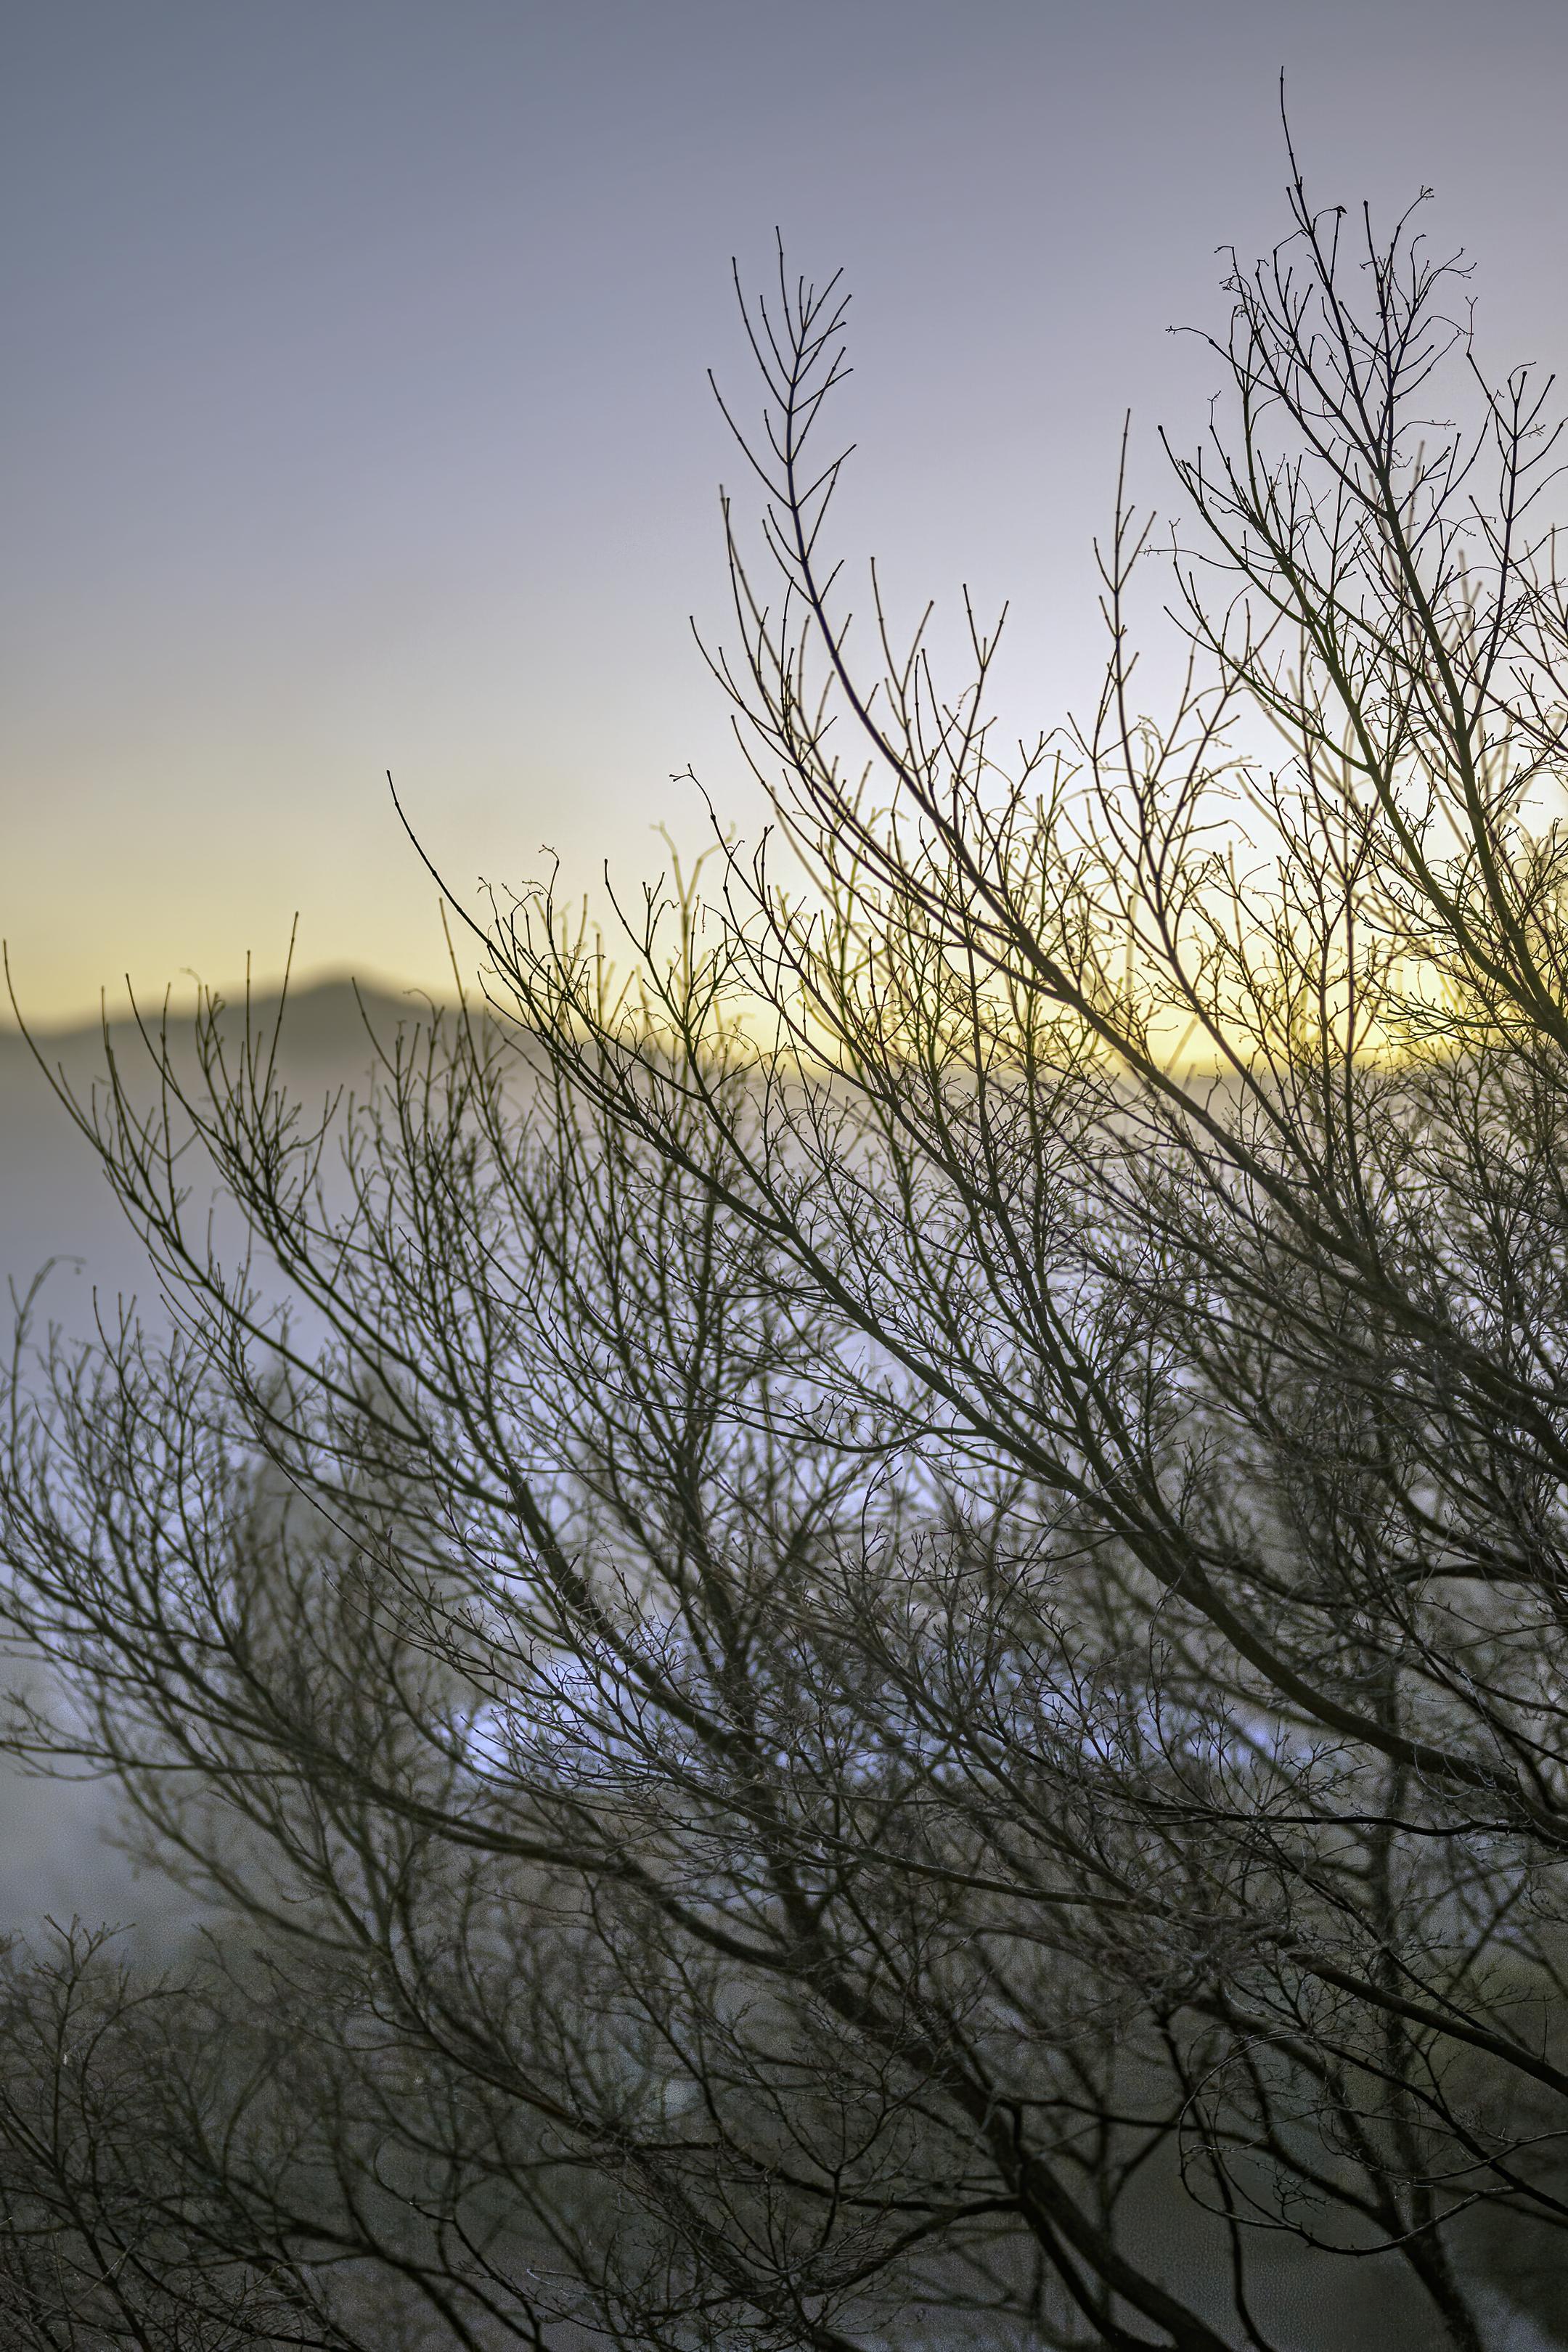 fog frost december morning ashland oregon-denoise-denoise